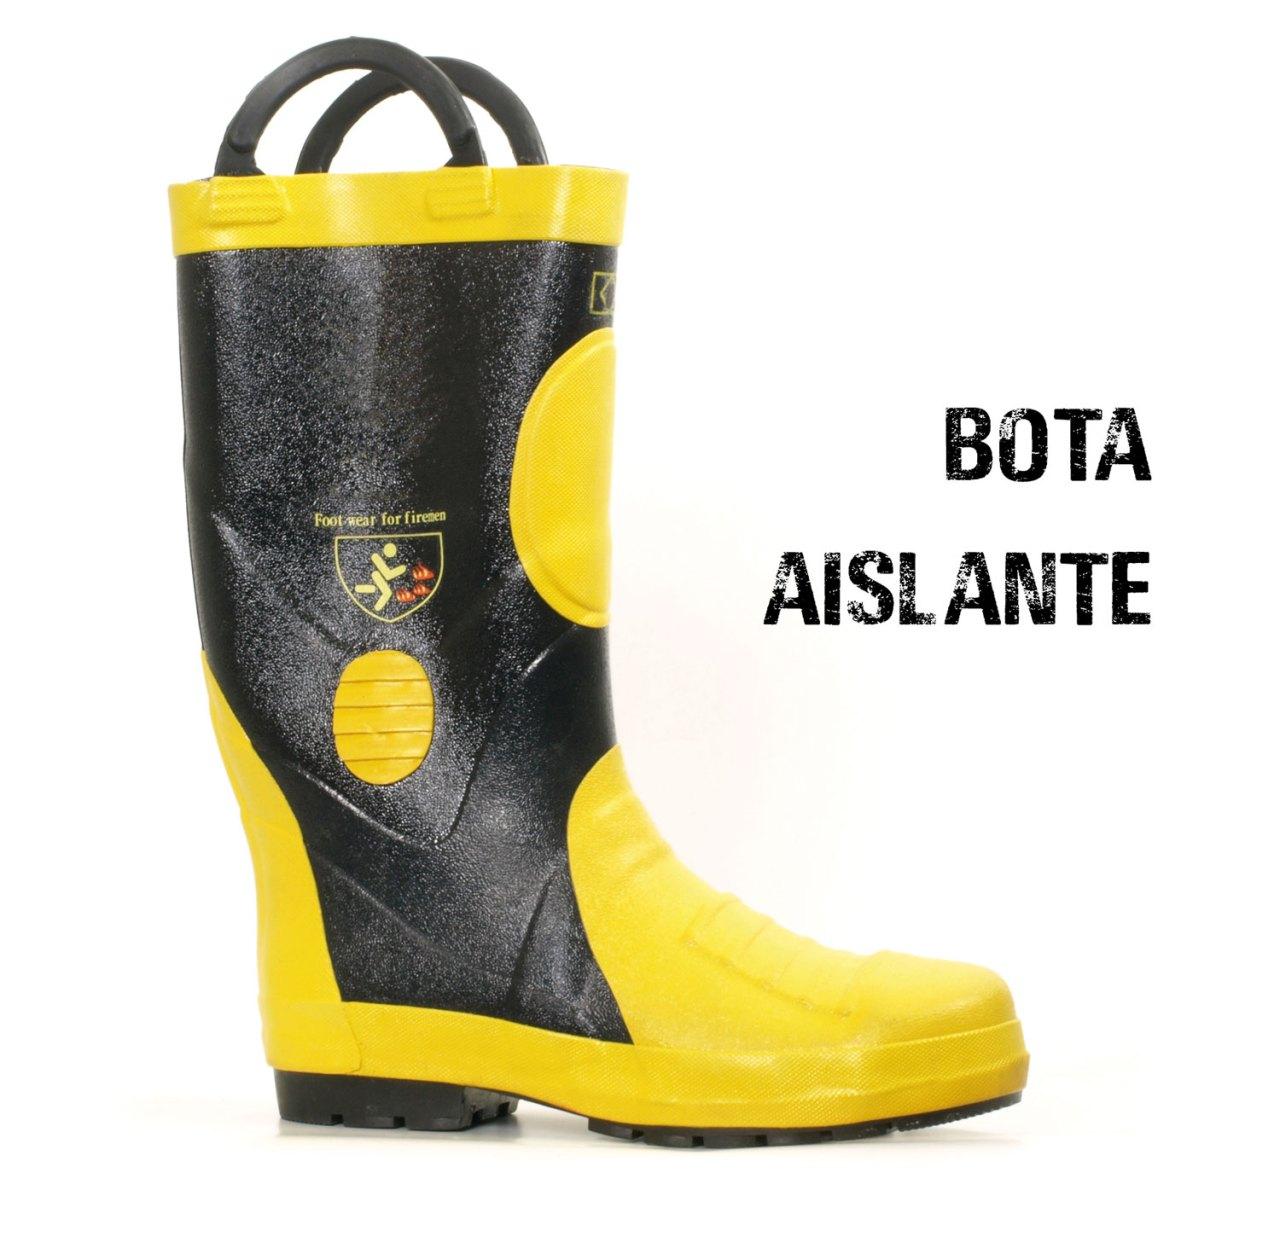 calidad confiable talla 7 mejores ofertas en Calzado de seguridad: Máxima resistencia eléctrica   Blog ...